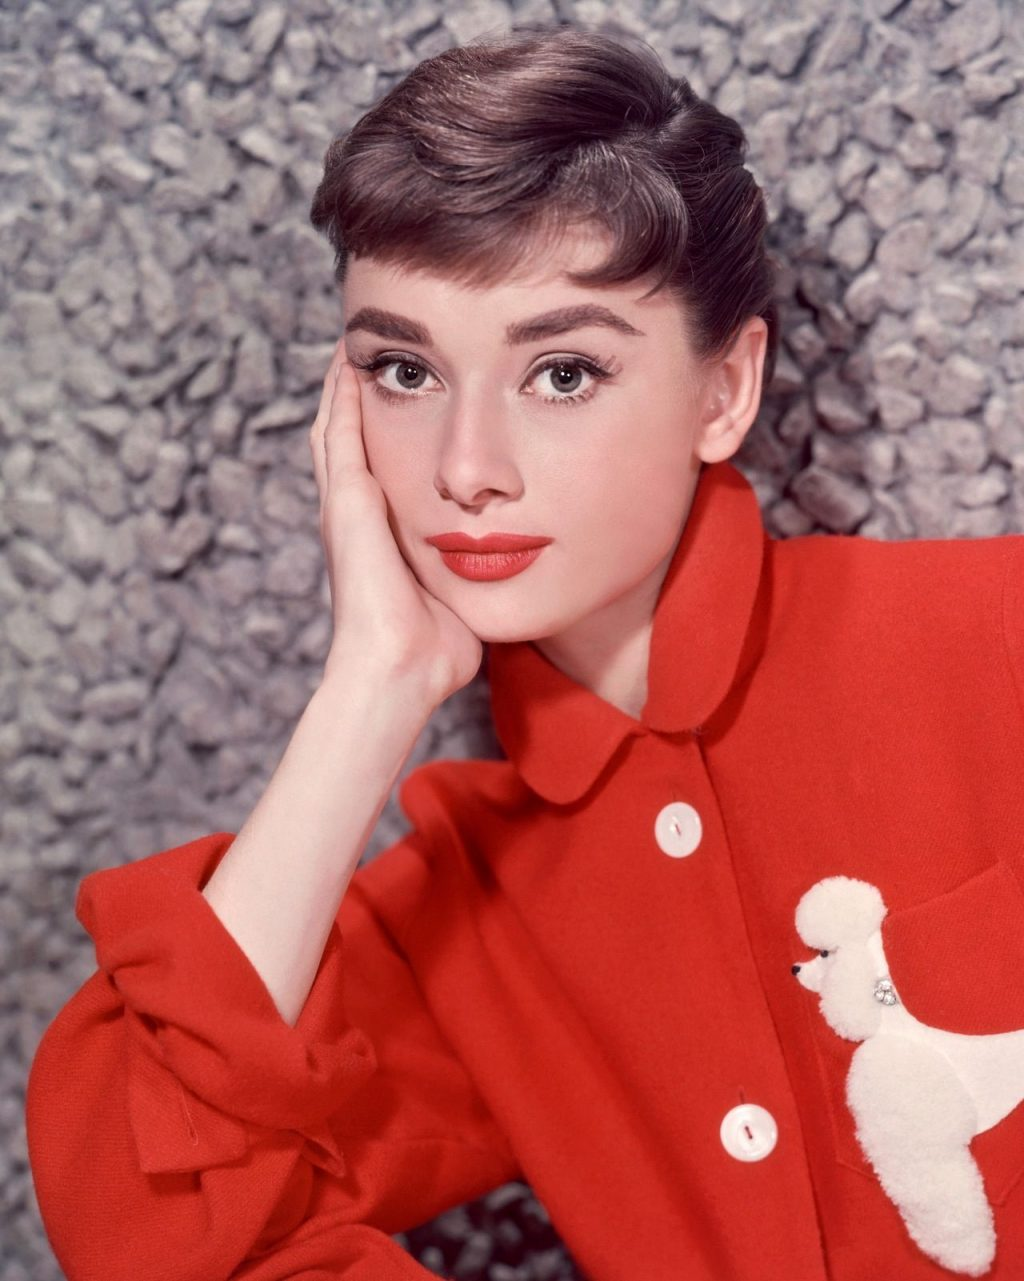 Audrey Hepburn 09b